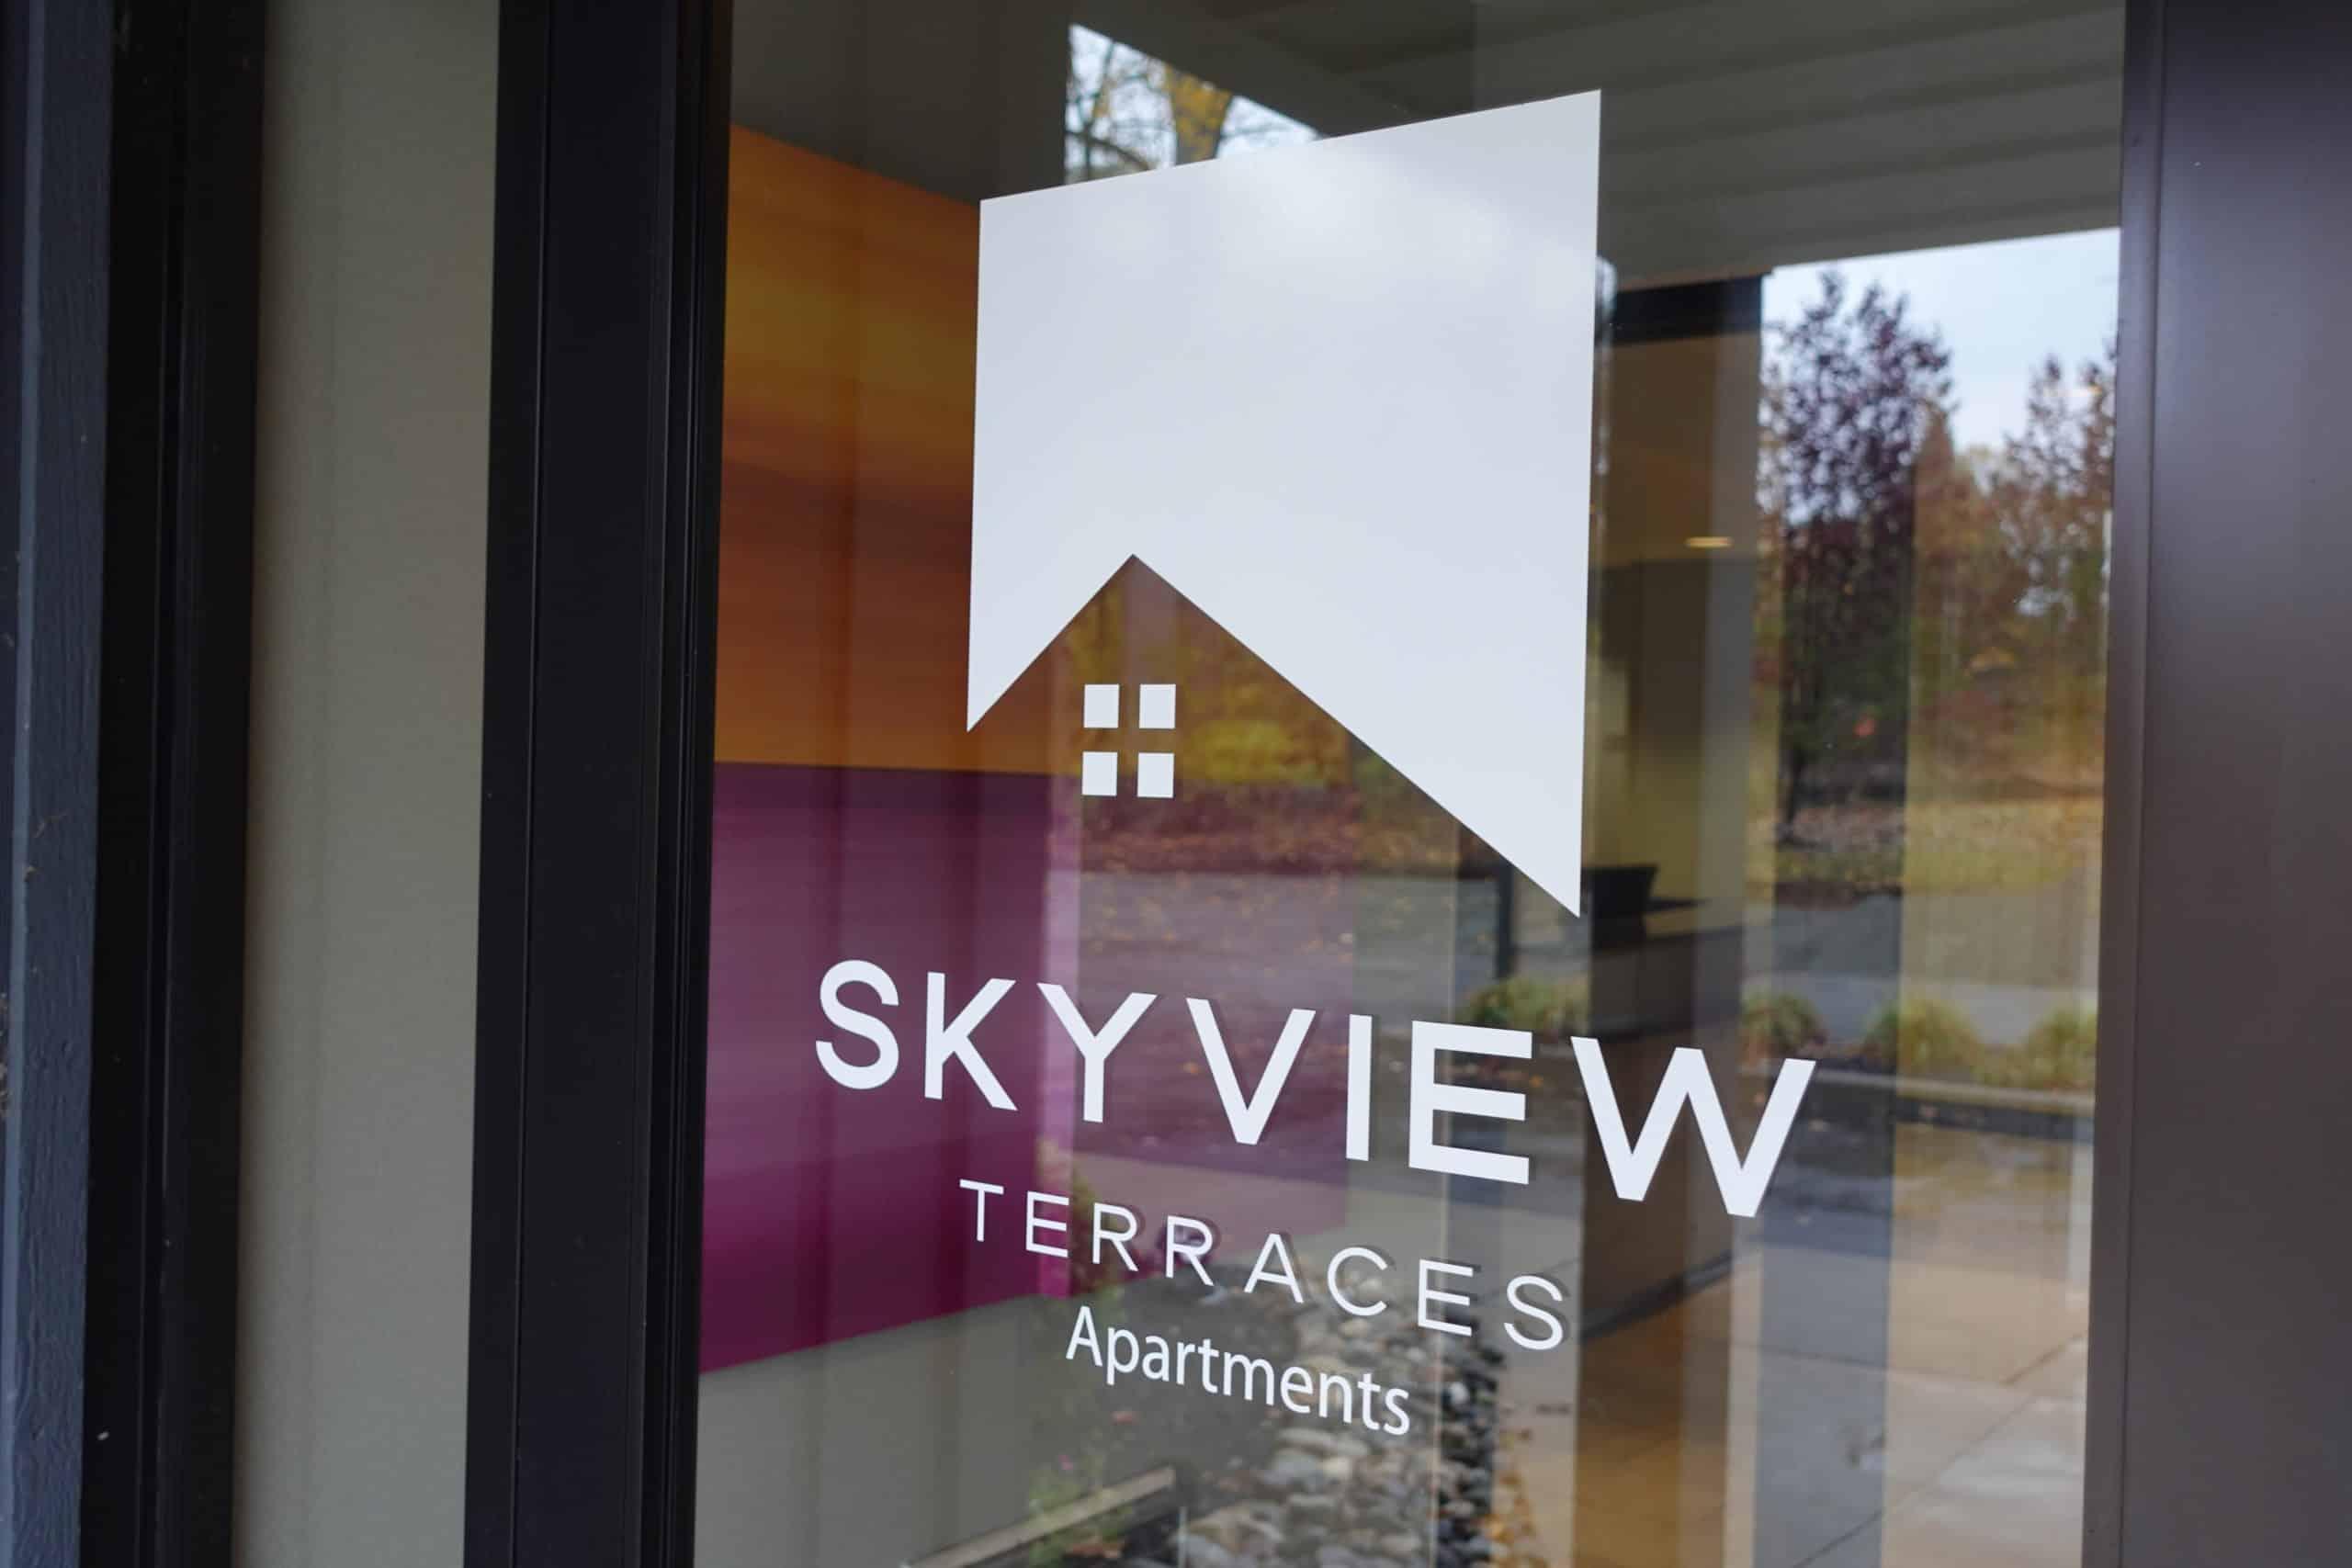 skyview terraces logo on door